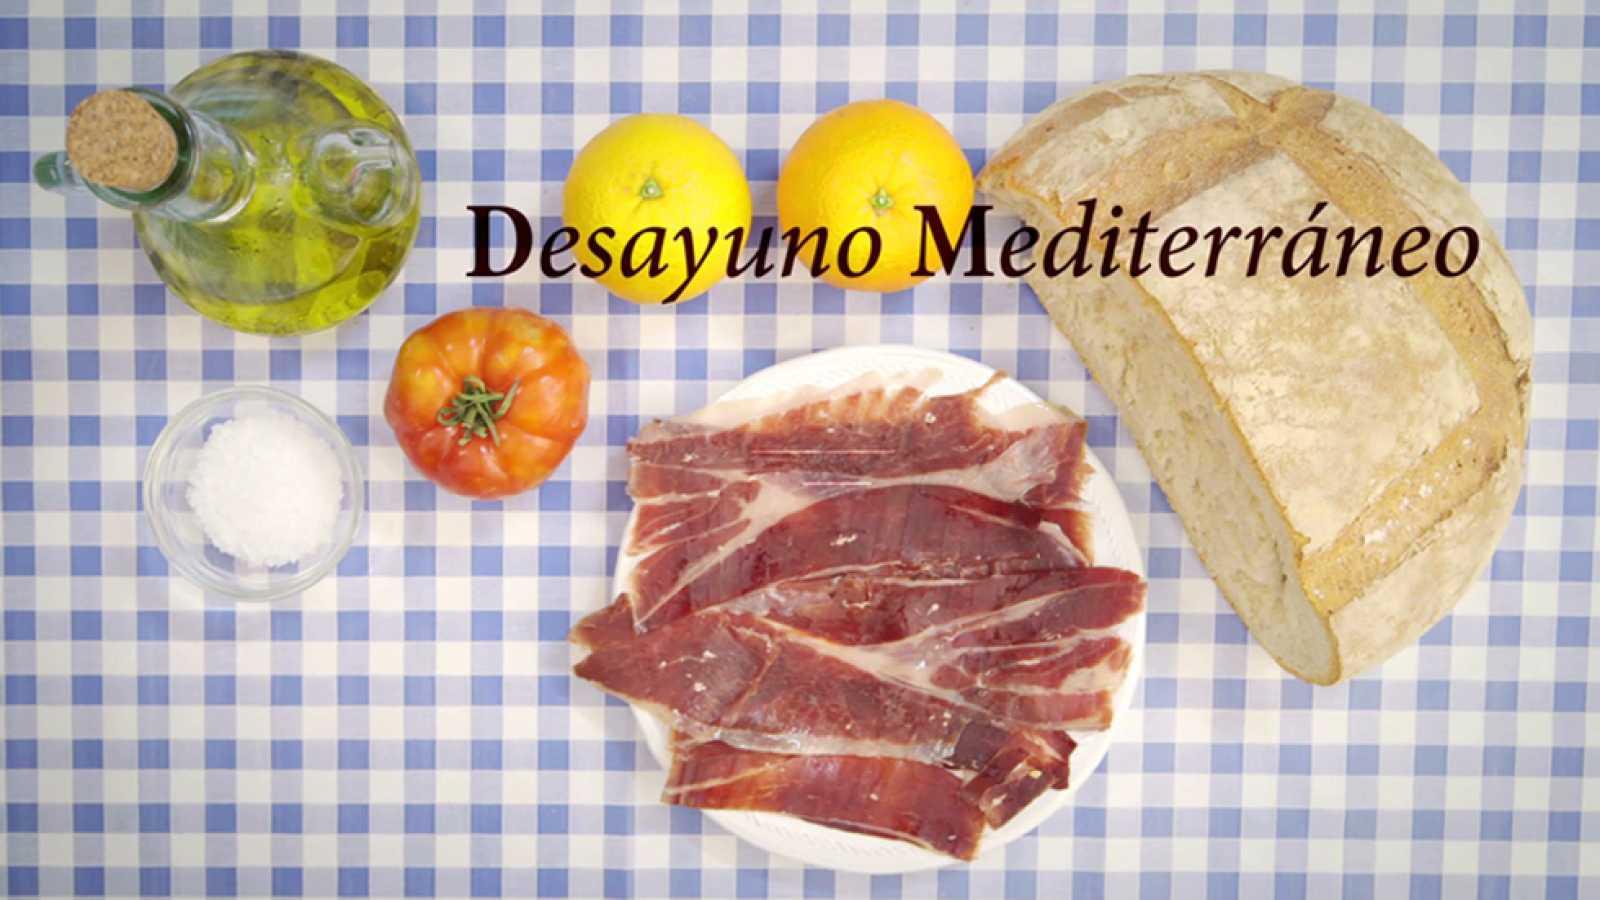 El desayuno mediterráneo